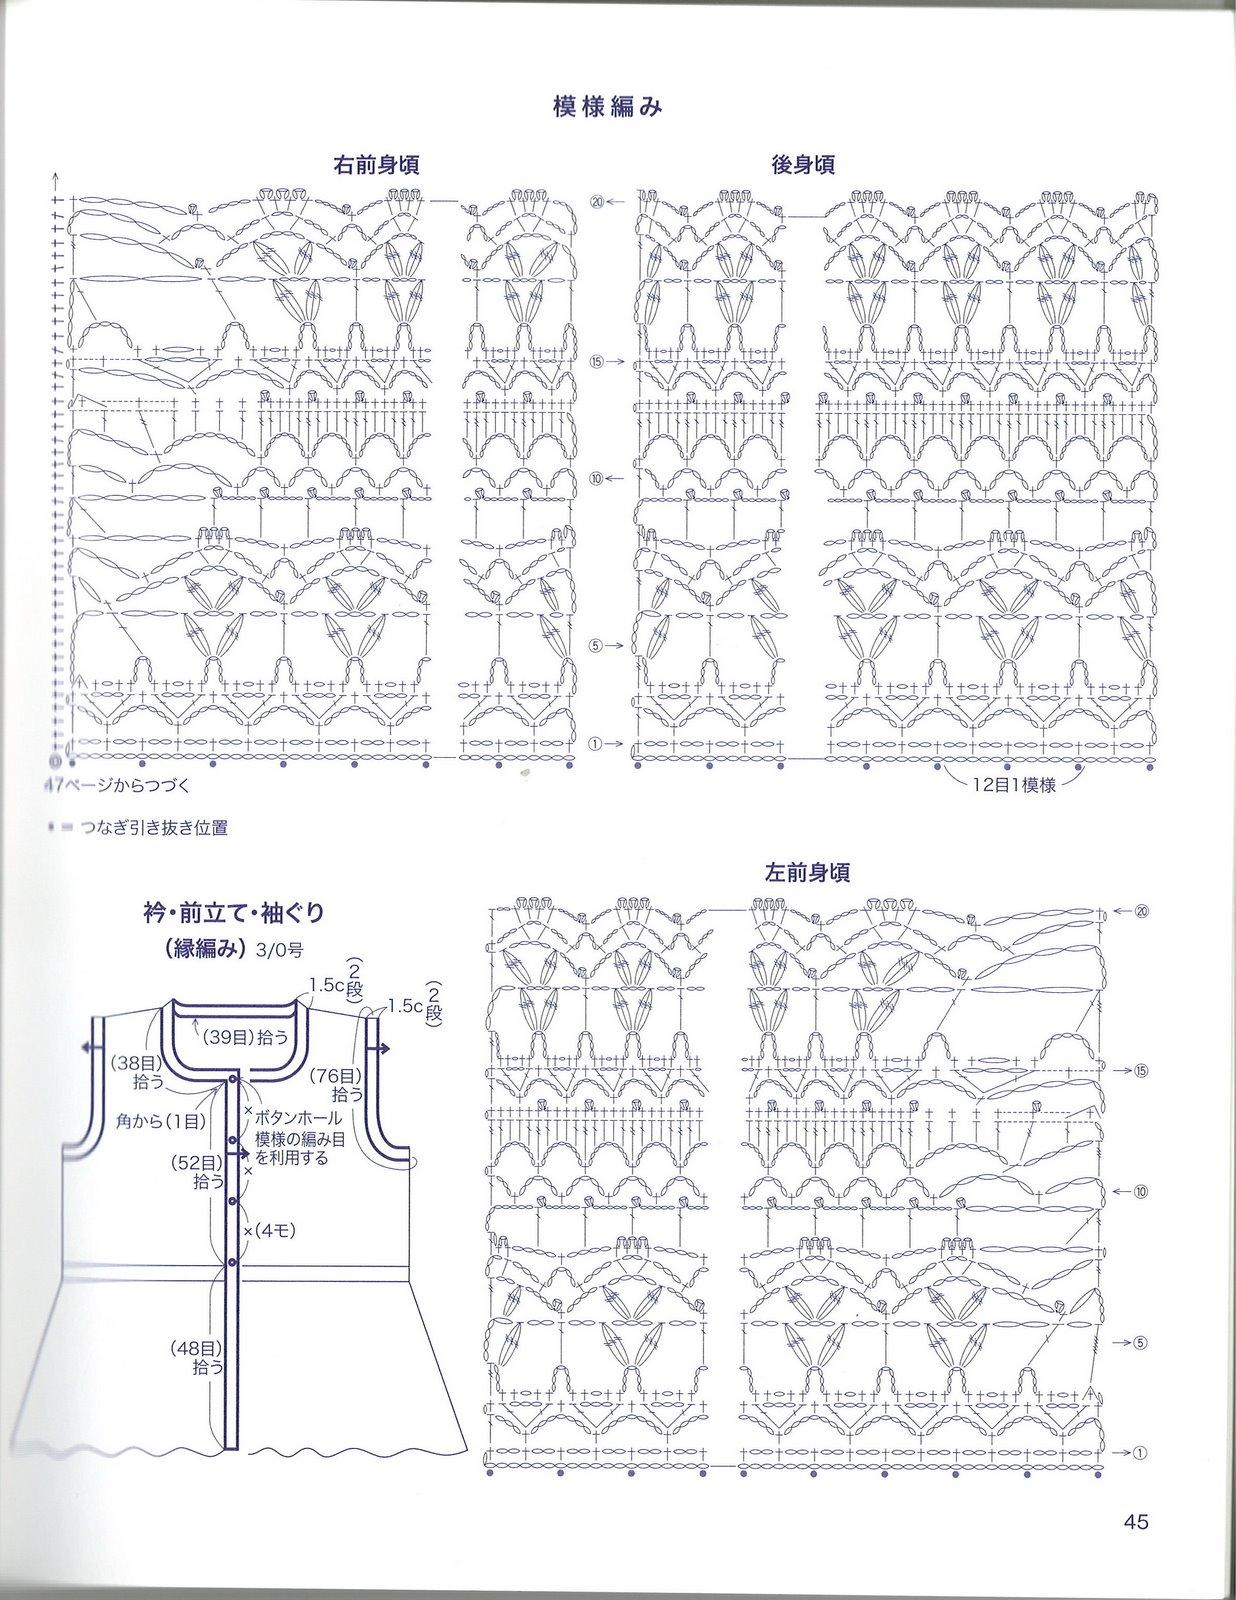 Patrones japoneses candeleros patrones - ¿alguien gana dinero en el ...